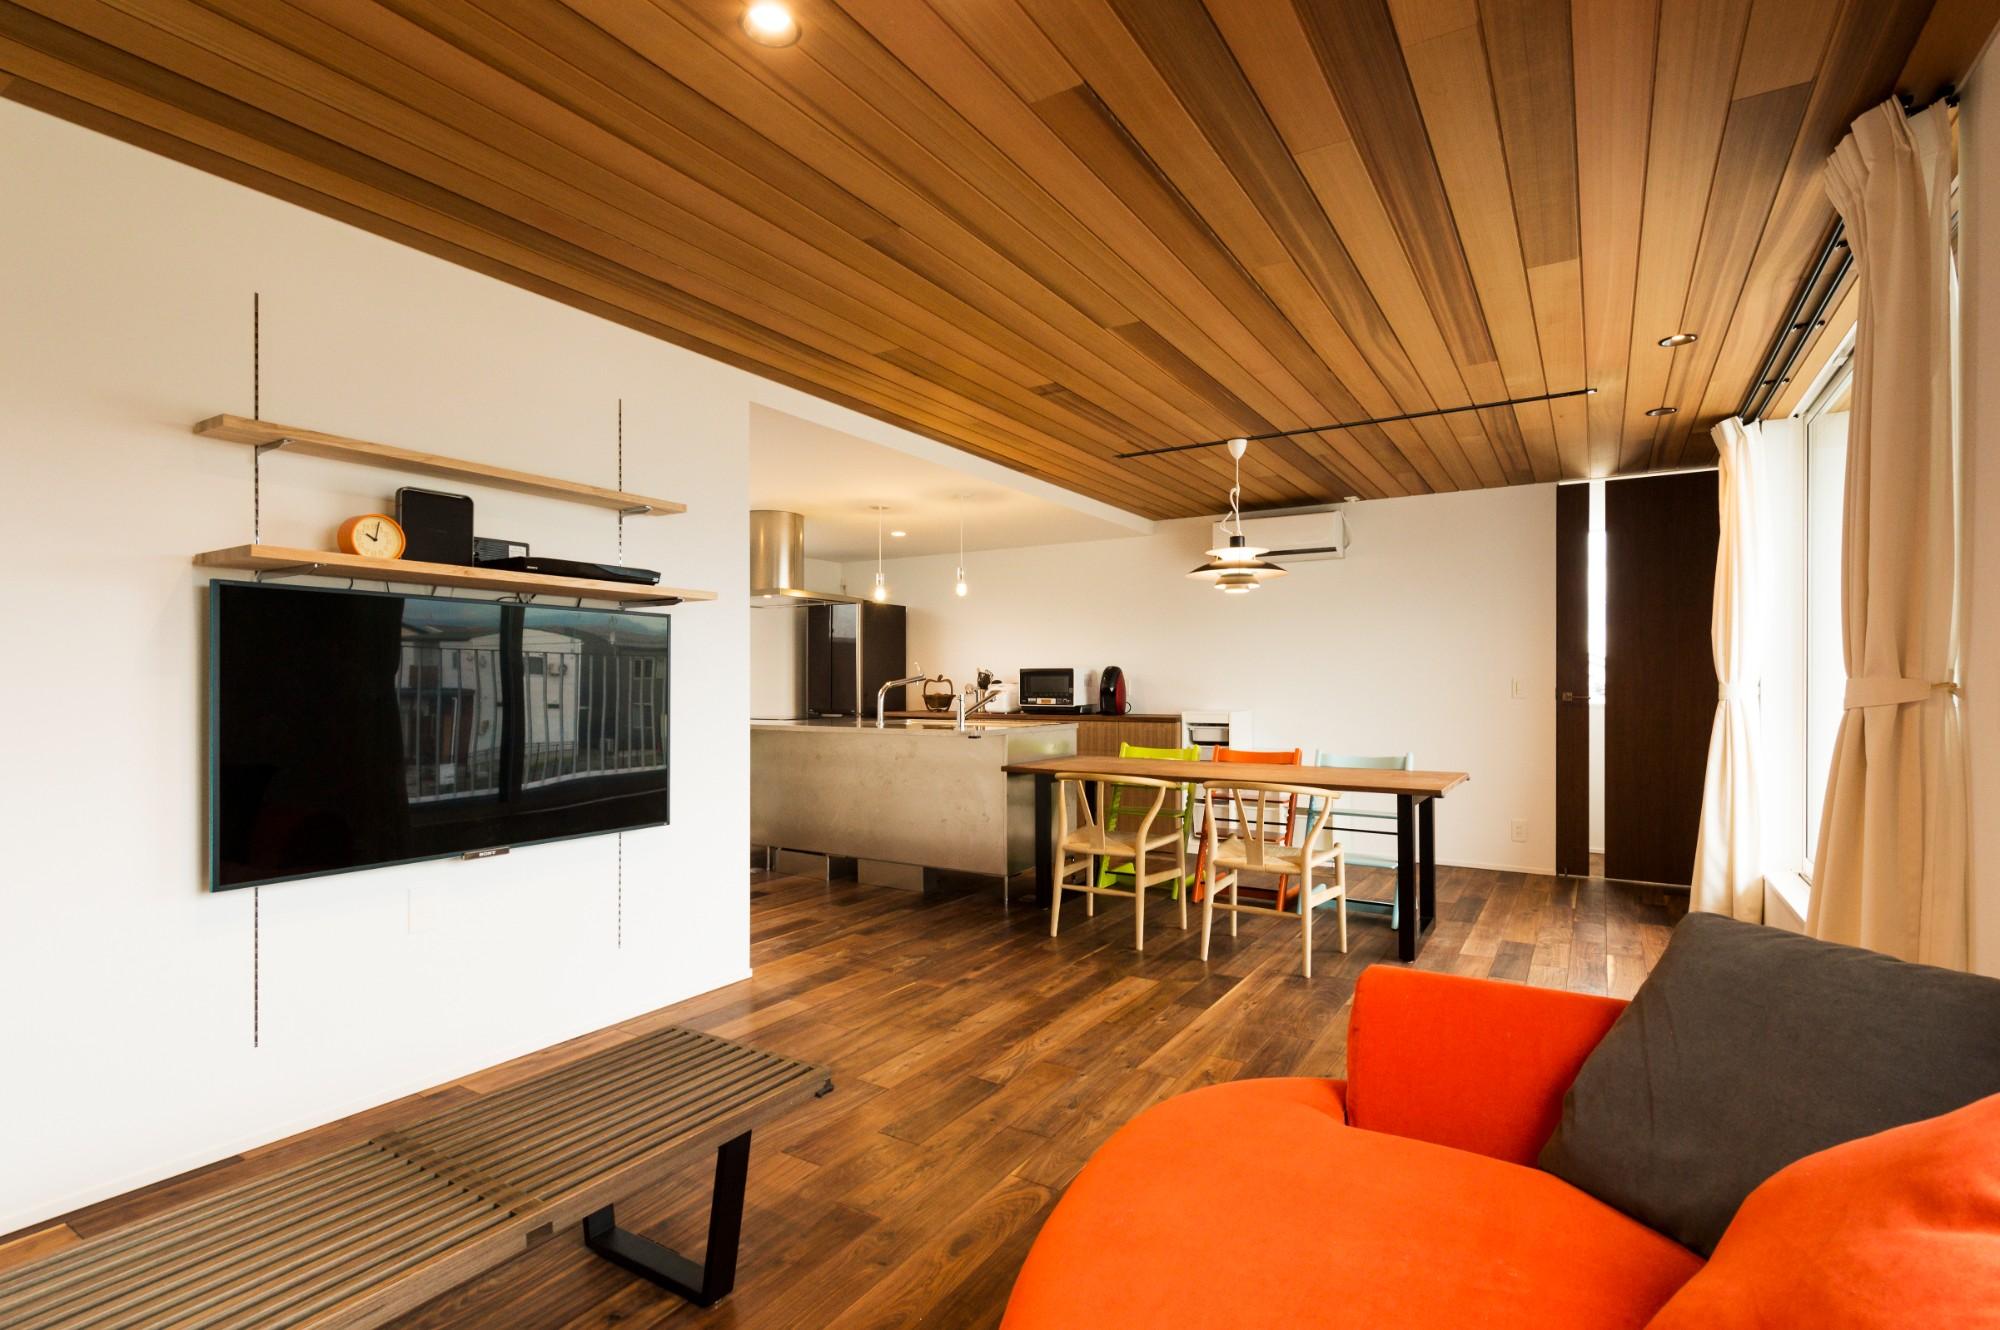 フクダハウジング株式会社「住む人の個性や楽しみを追求した家」の実例写真